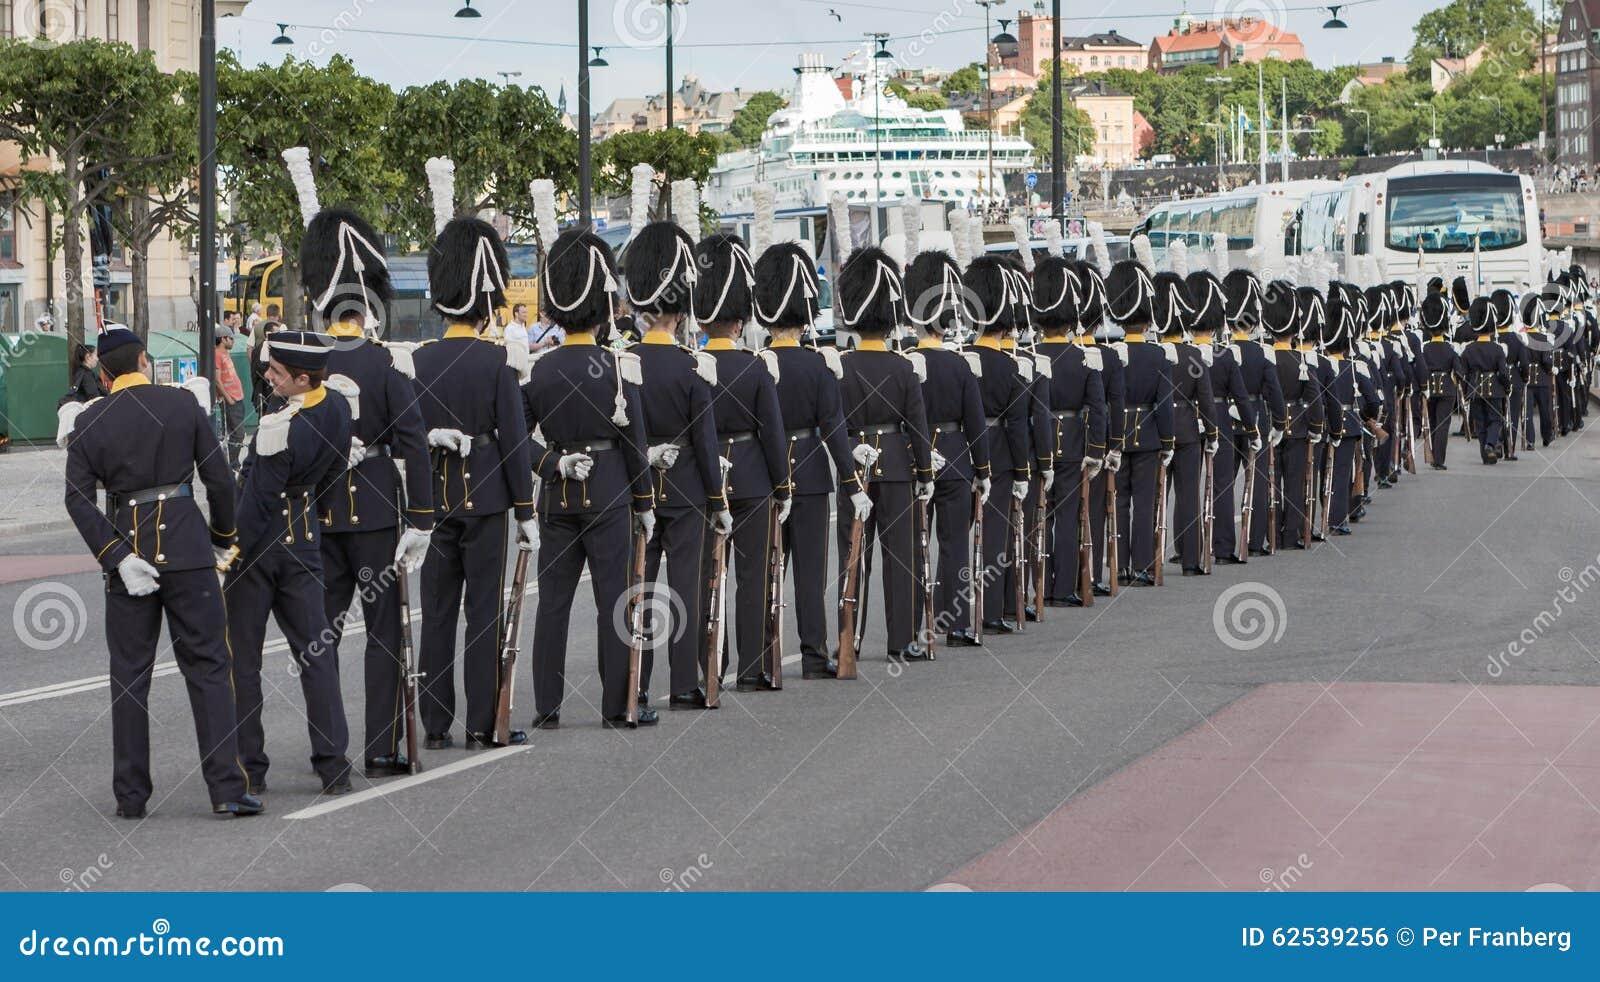 卫兵线与裘皮帽的在一条街道上在斯德哥尔摩